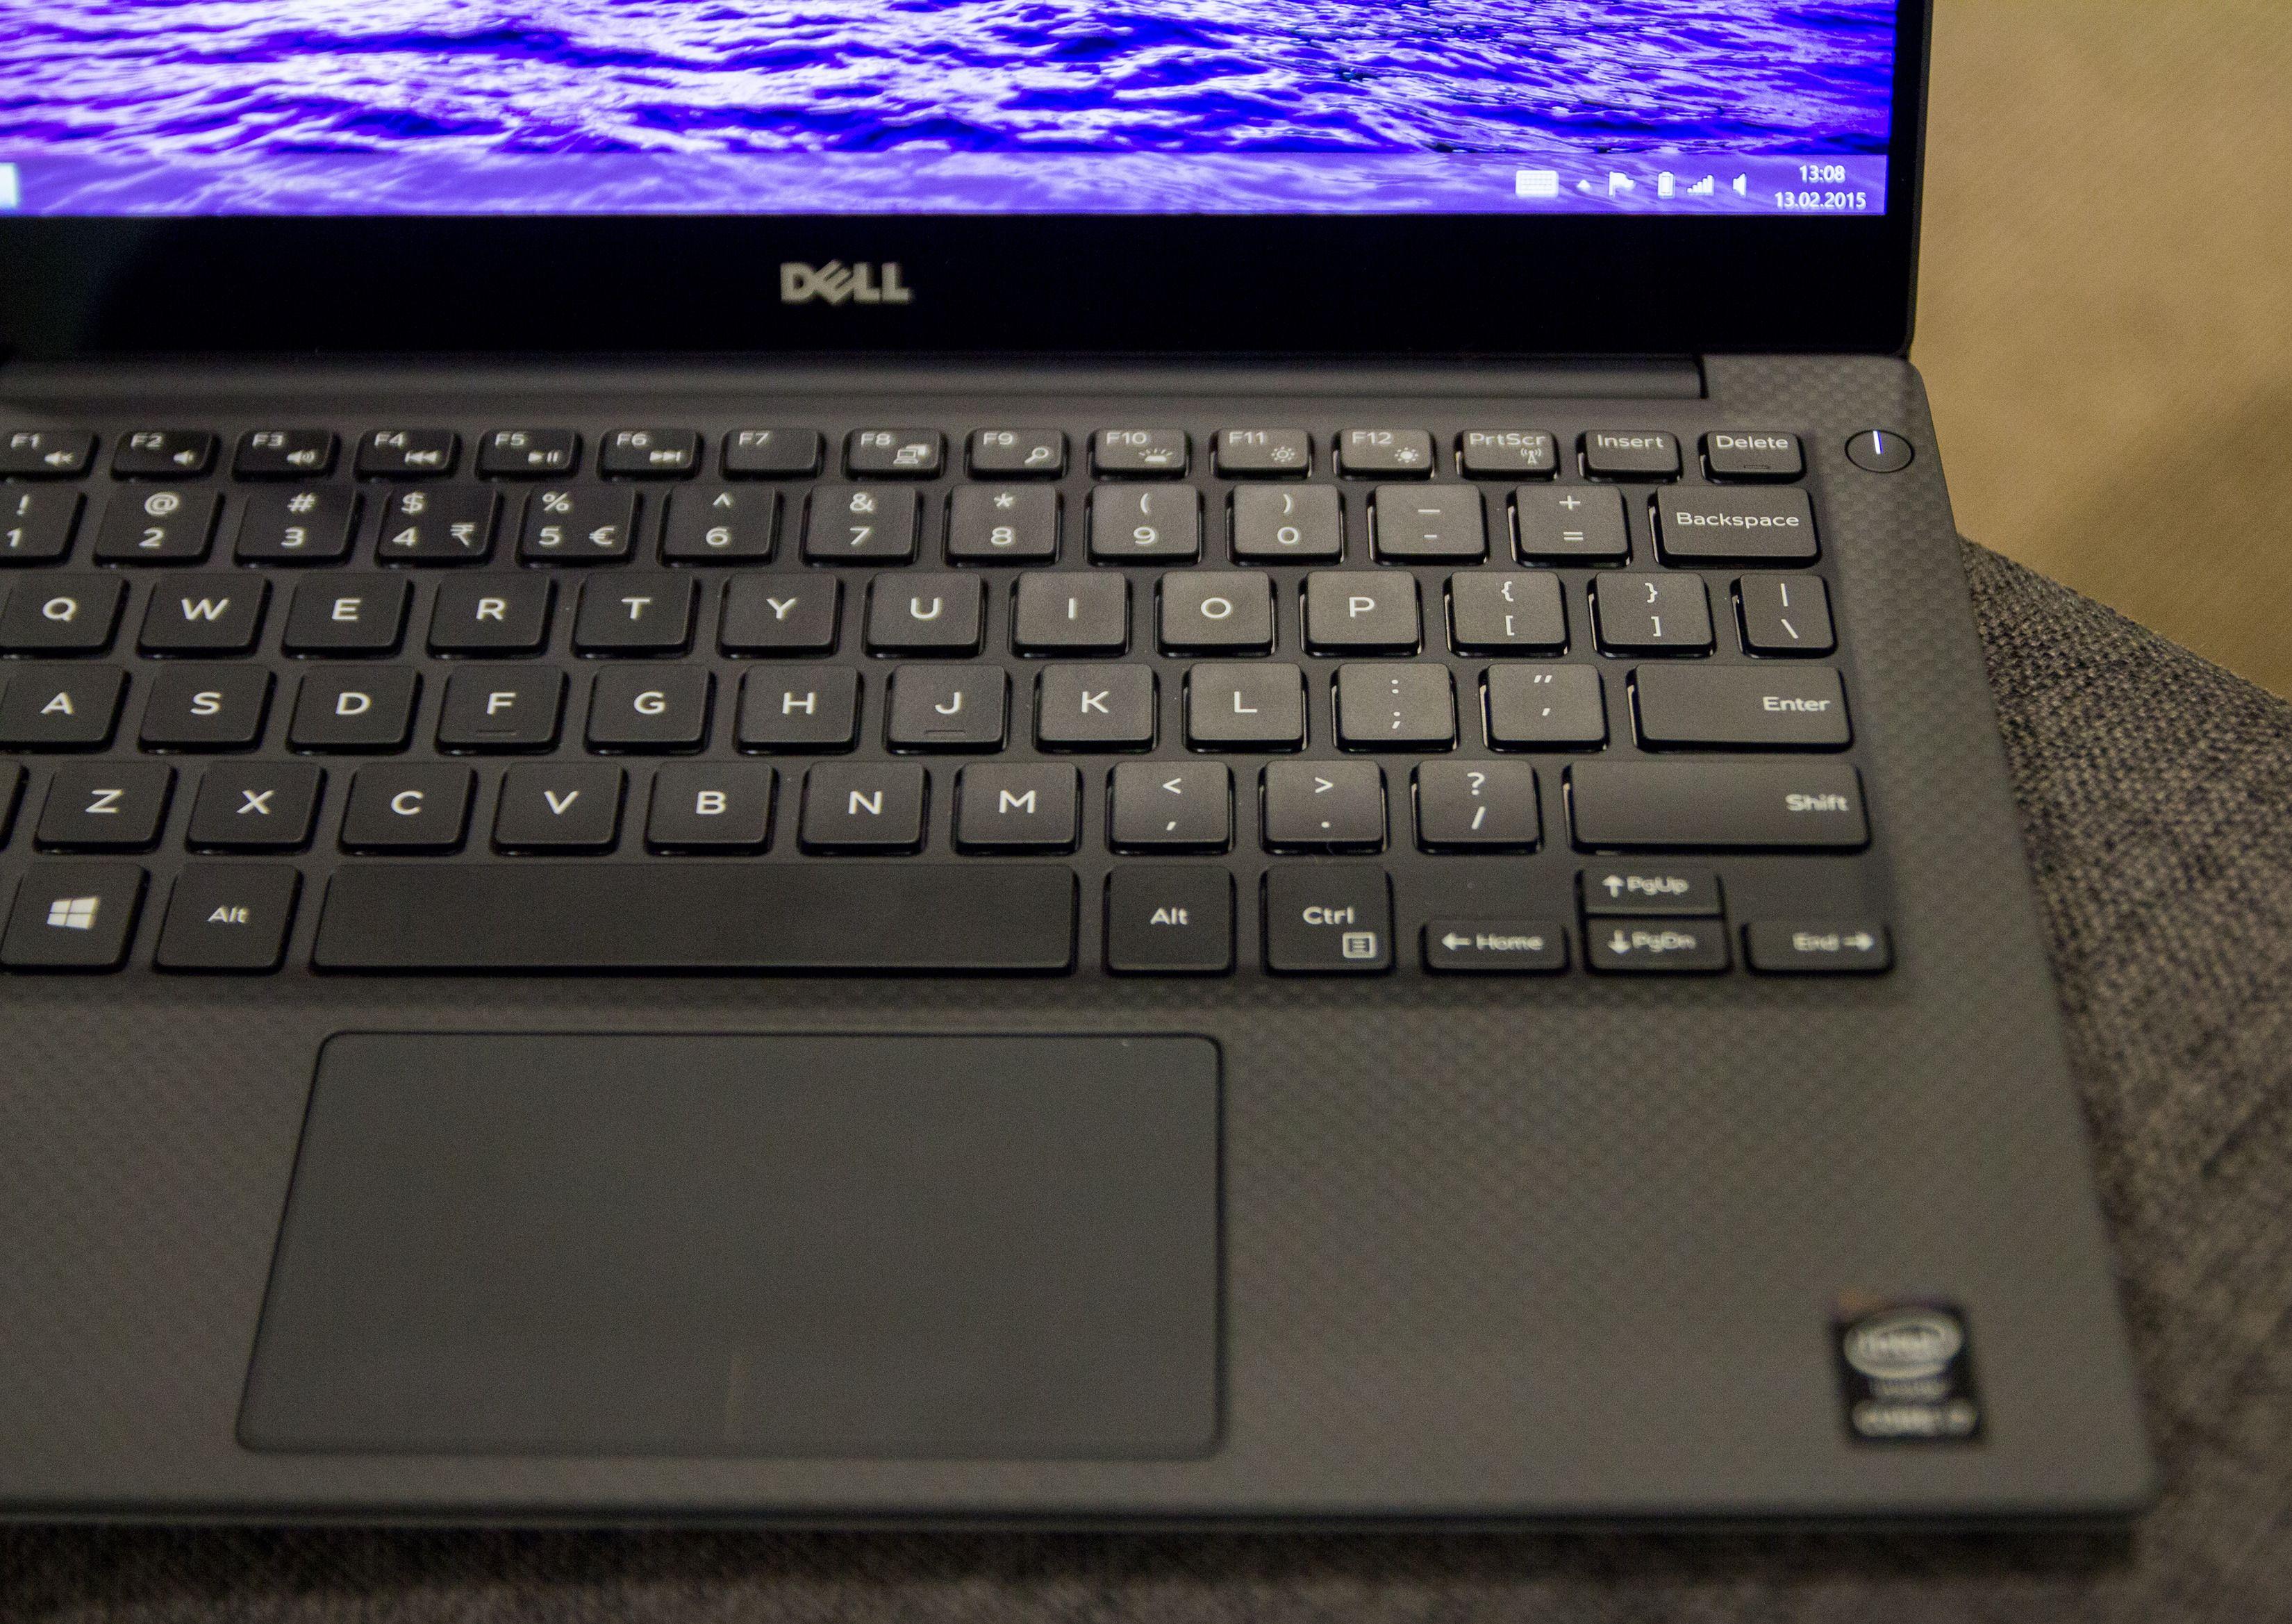 Både tastaturet og pekeplaten er helt i toppklassen hva gjelder kvalitet og komfort. Foto: Anders Brattensborg Smedsrud, Tek.no